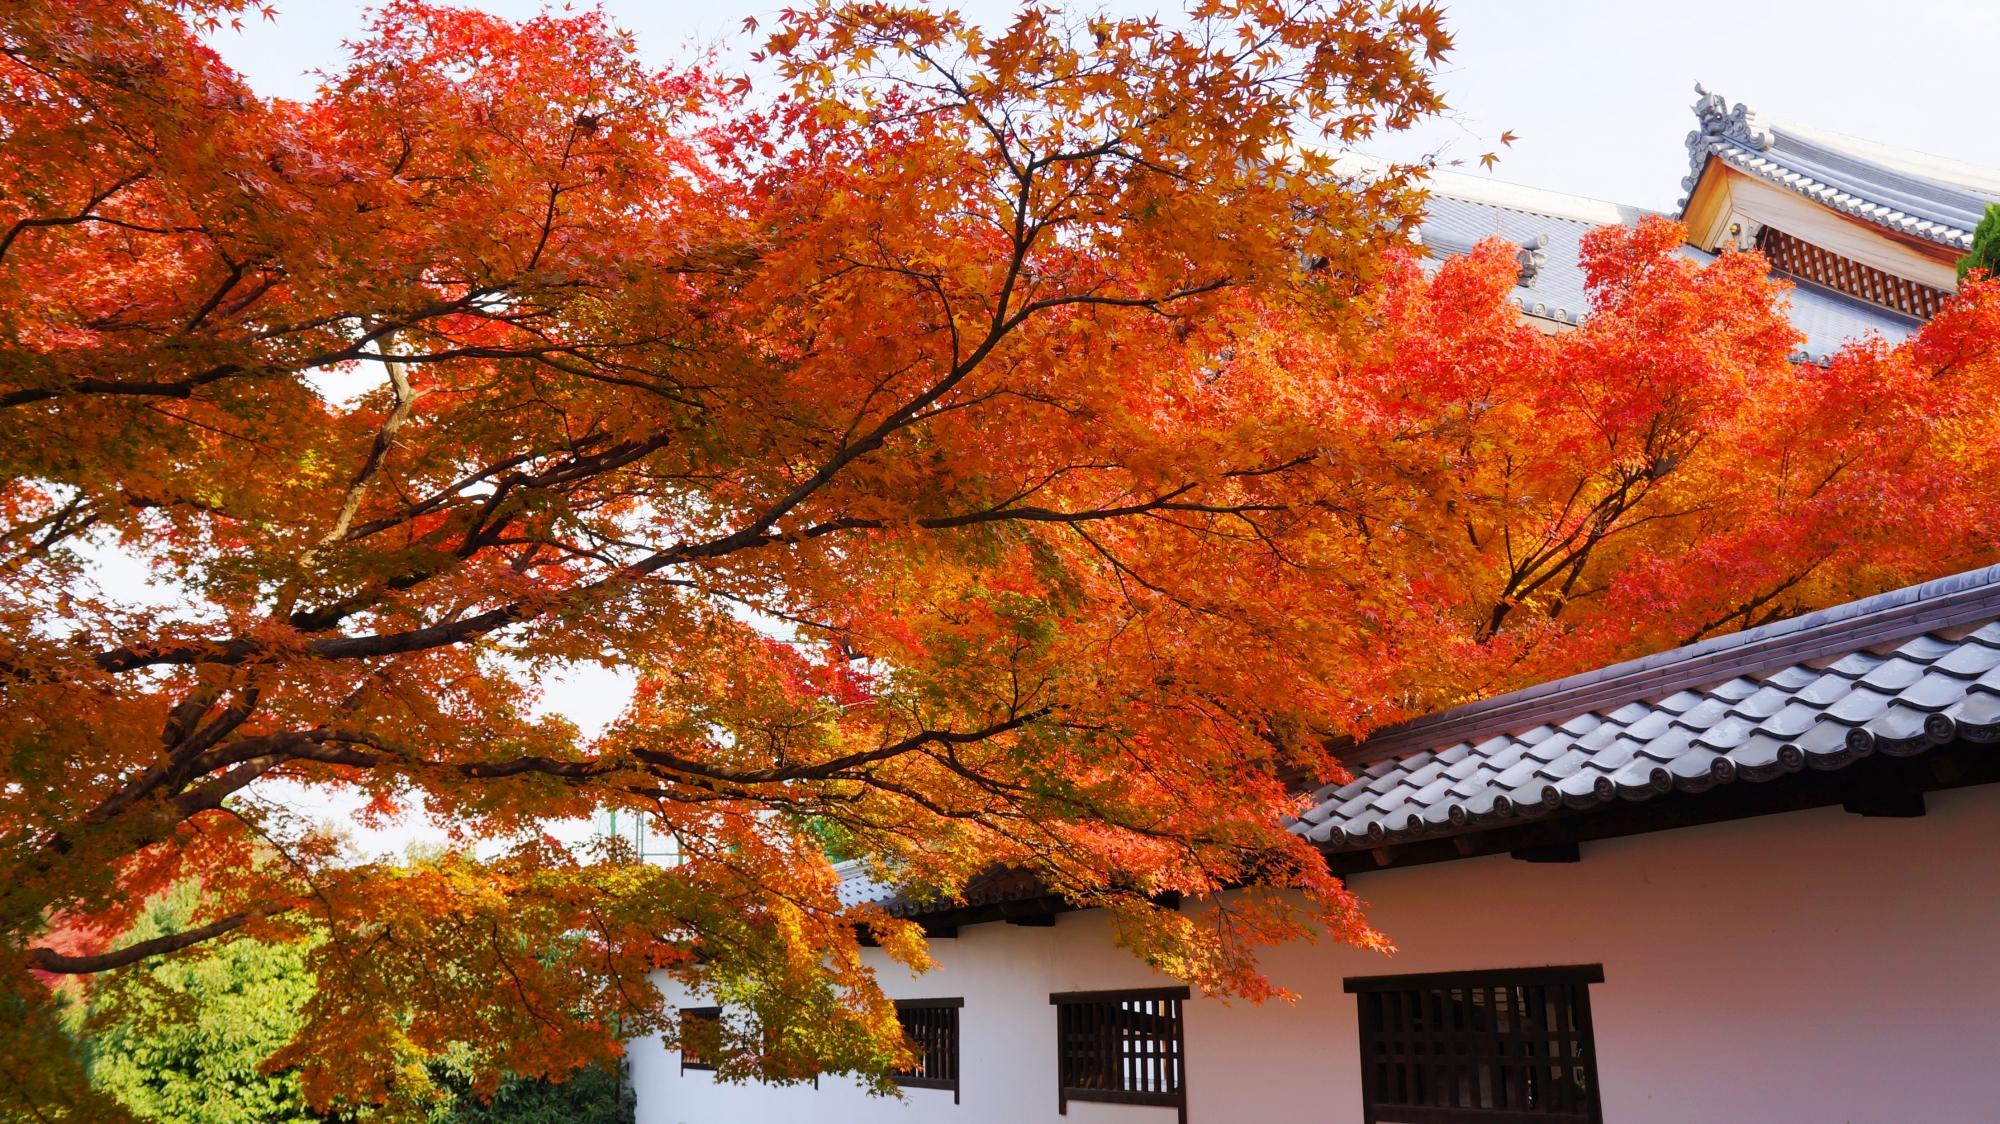 知恩院の古風で雅な雰囲気のする紅葉